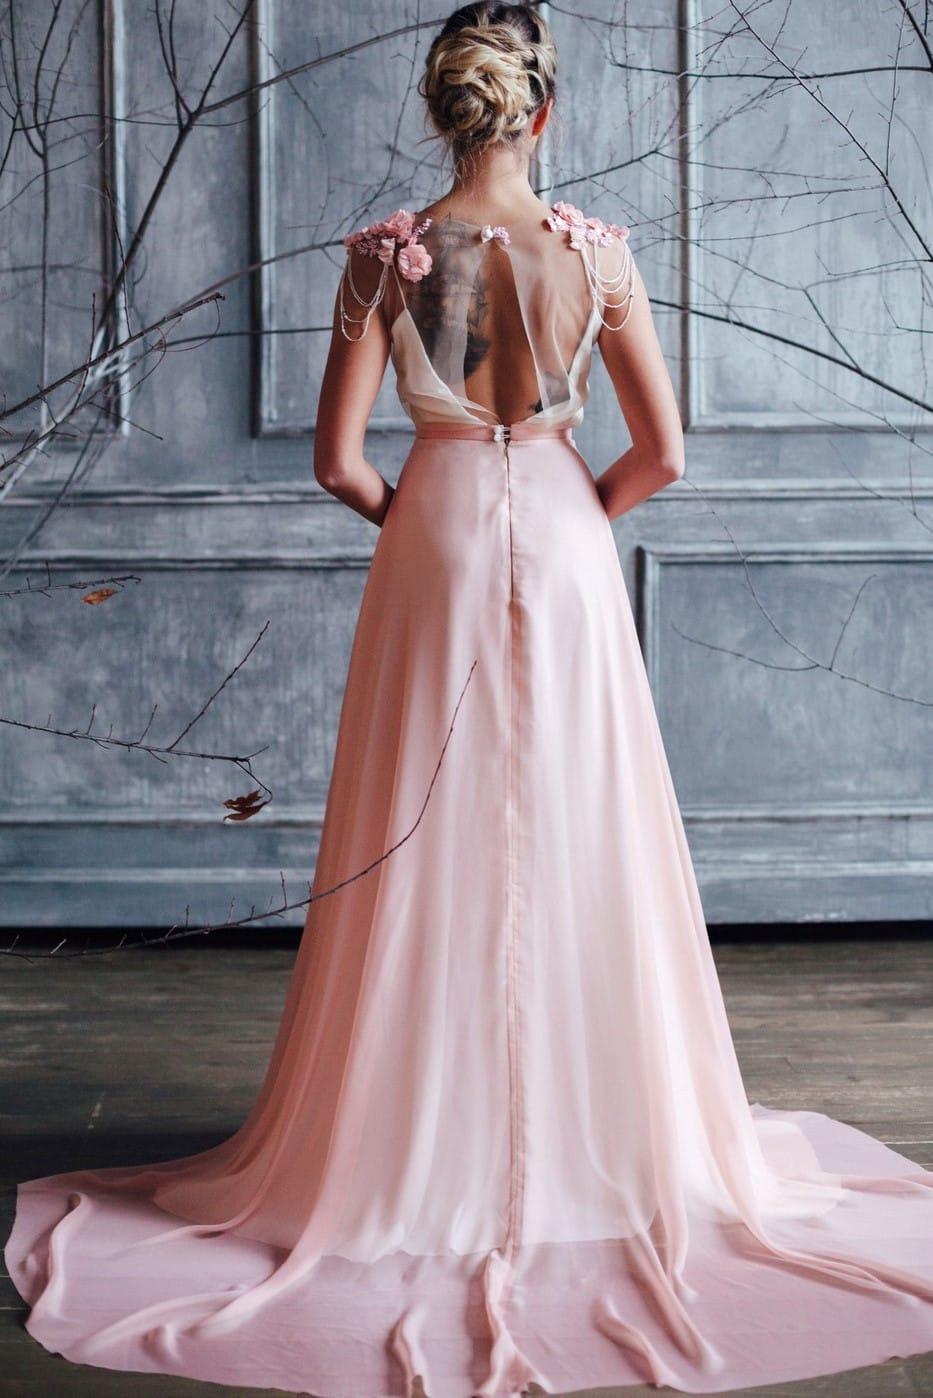 Вечернее платье FARRA, коллекция FLOWER MAGIC, бренд RARE BRIDAL, фото 5